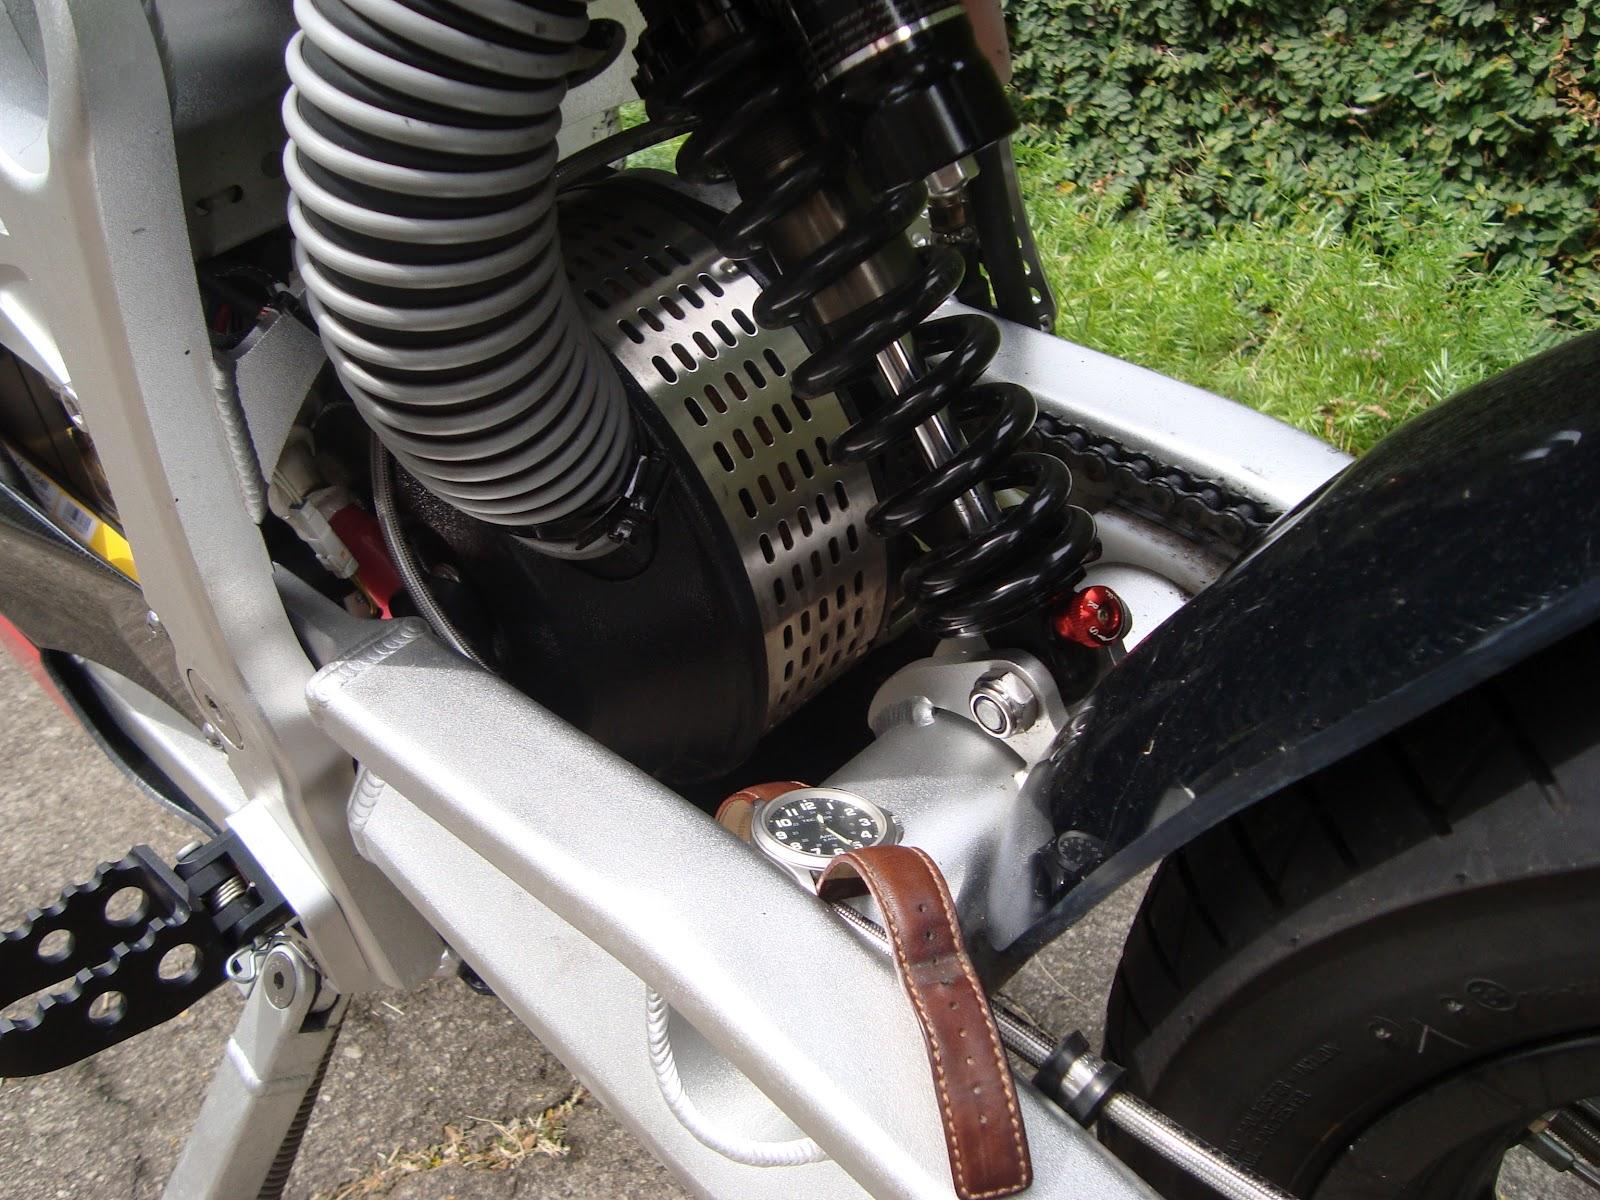 be87d9db839 O motor elétrico de 25 cv tem formato de uma caçarola e seu tamanho pode  ser avaliado comparando-o com o relógio de pulso colocado perto para essa  ...